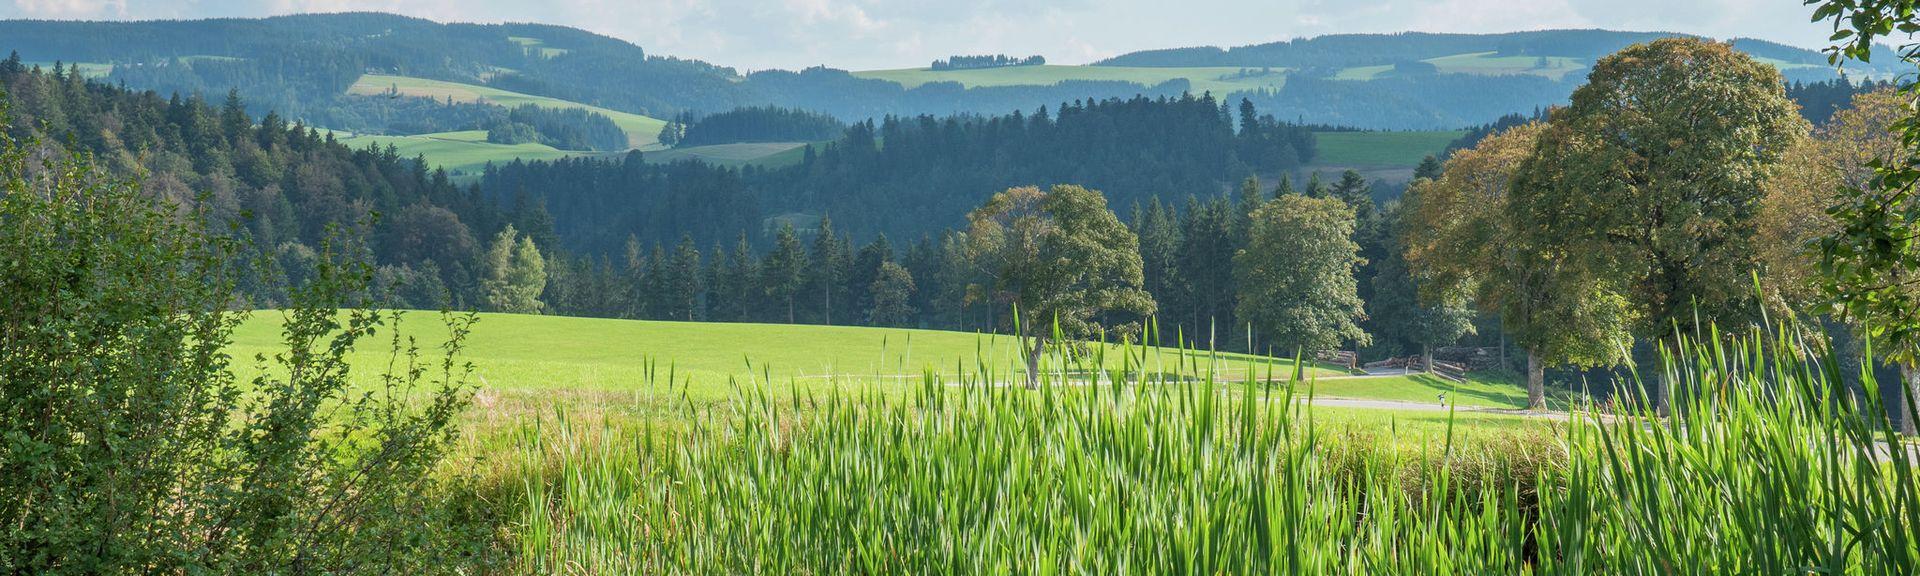 Região administrativa de Freiburg, Baden-Wuerttemberg, Alemanha